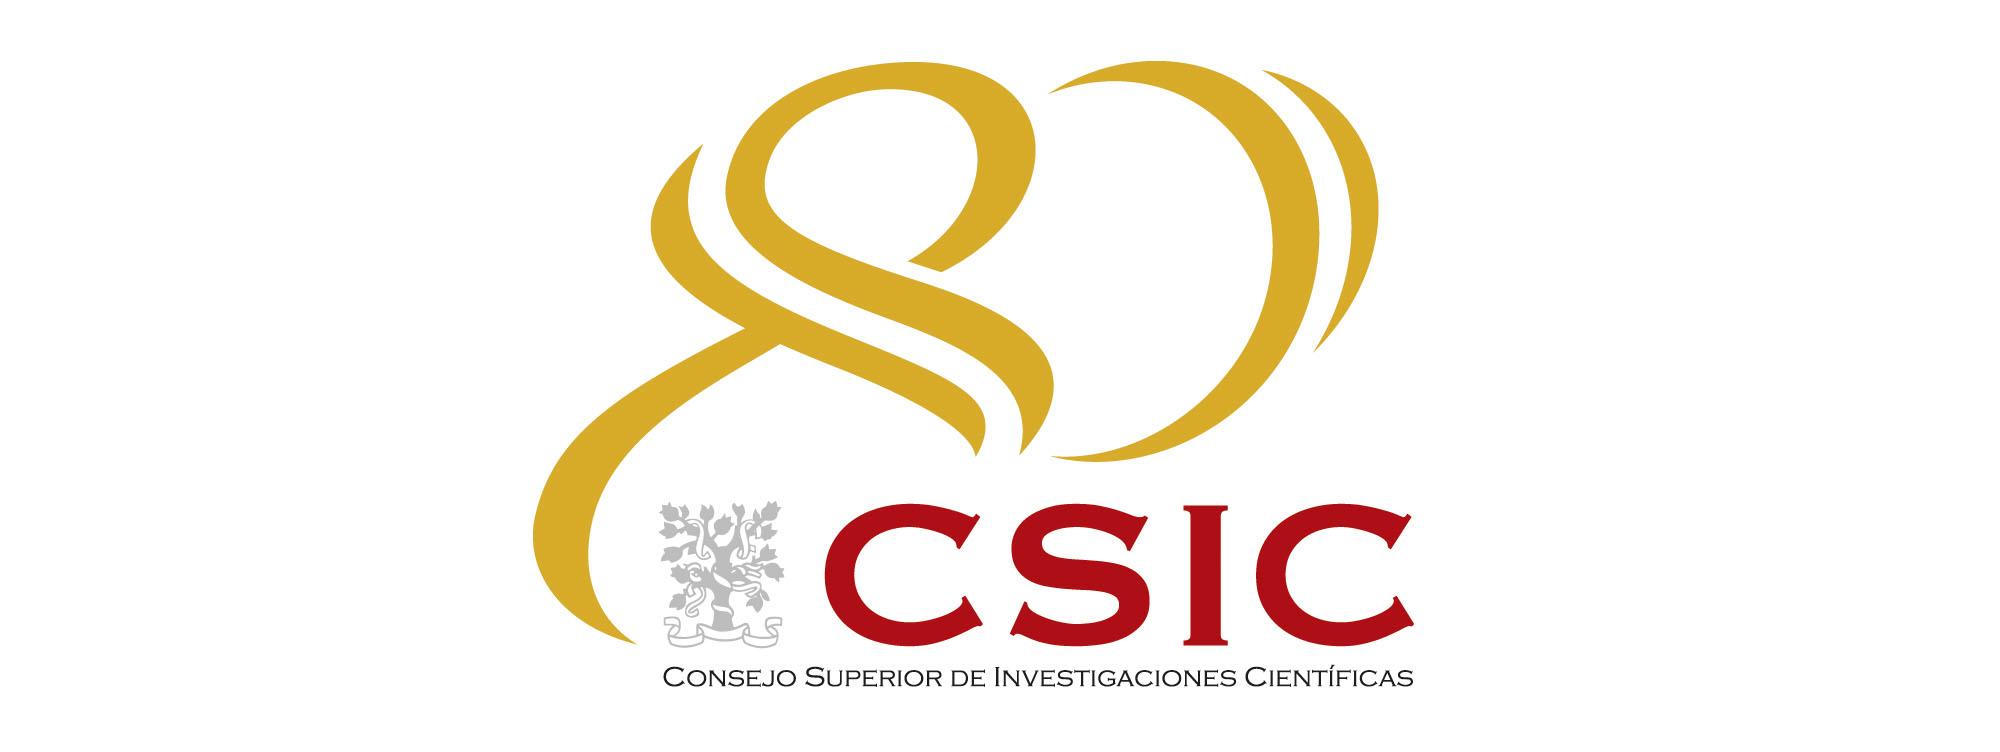 Logotipo del CSIC